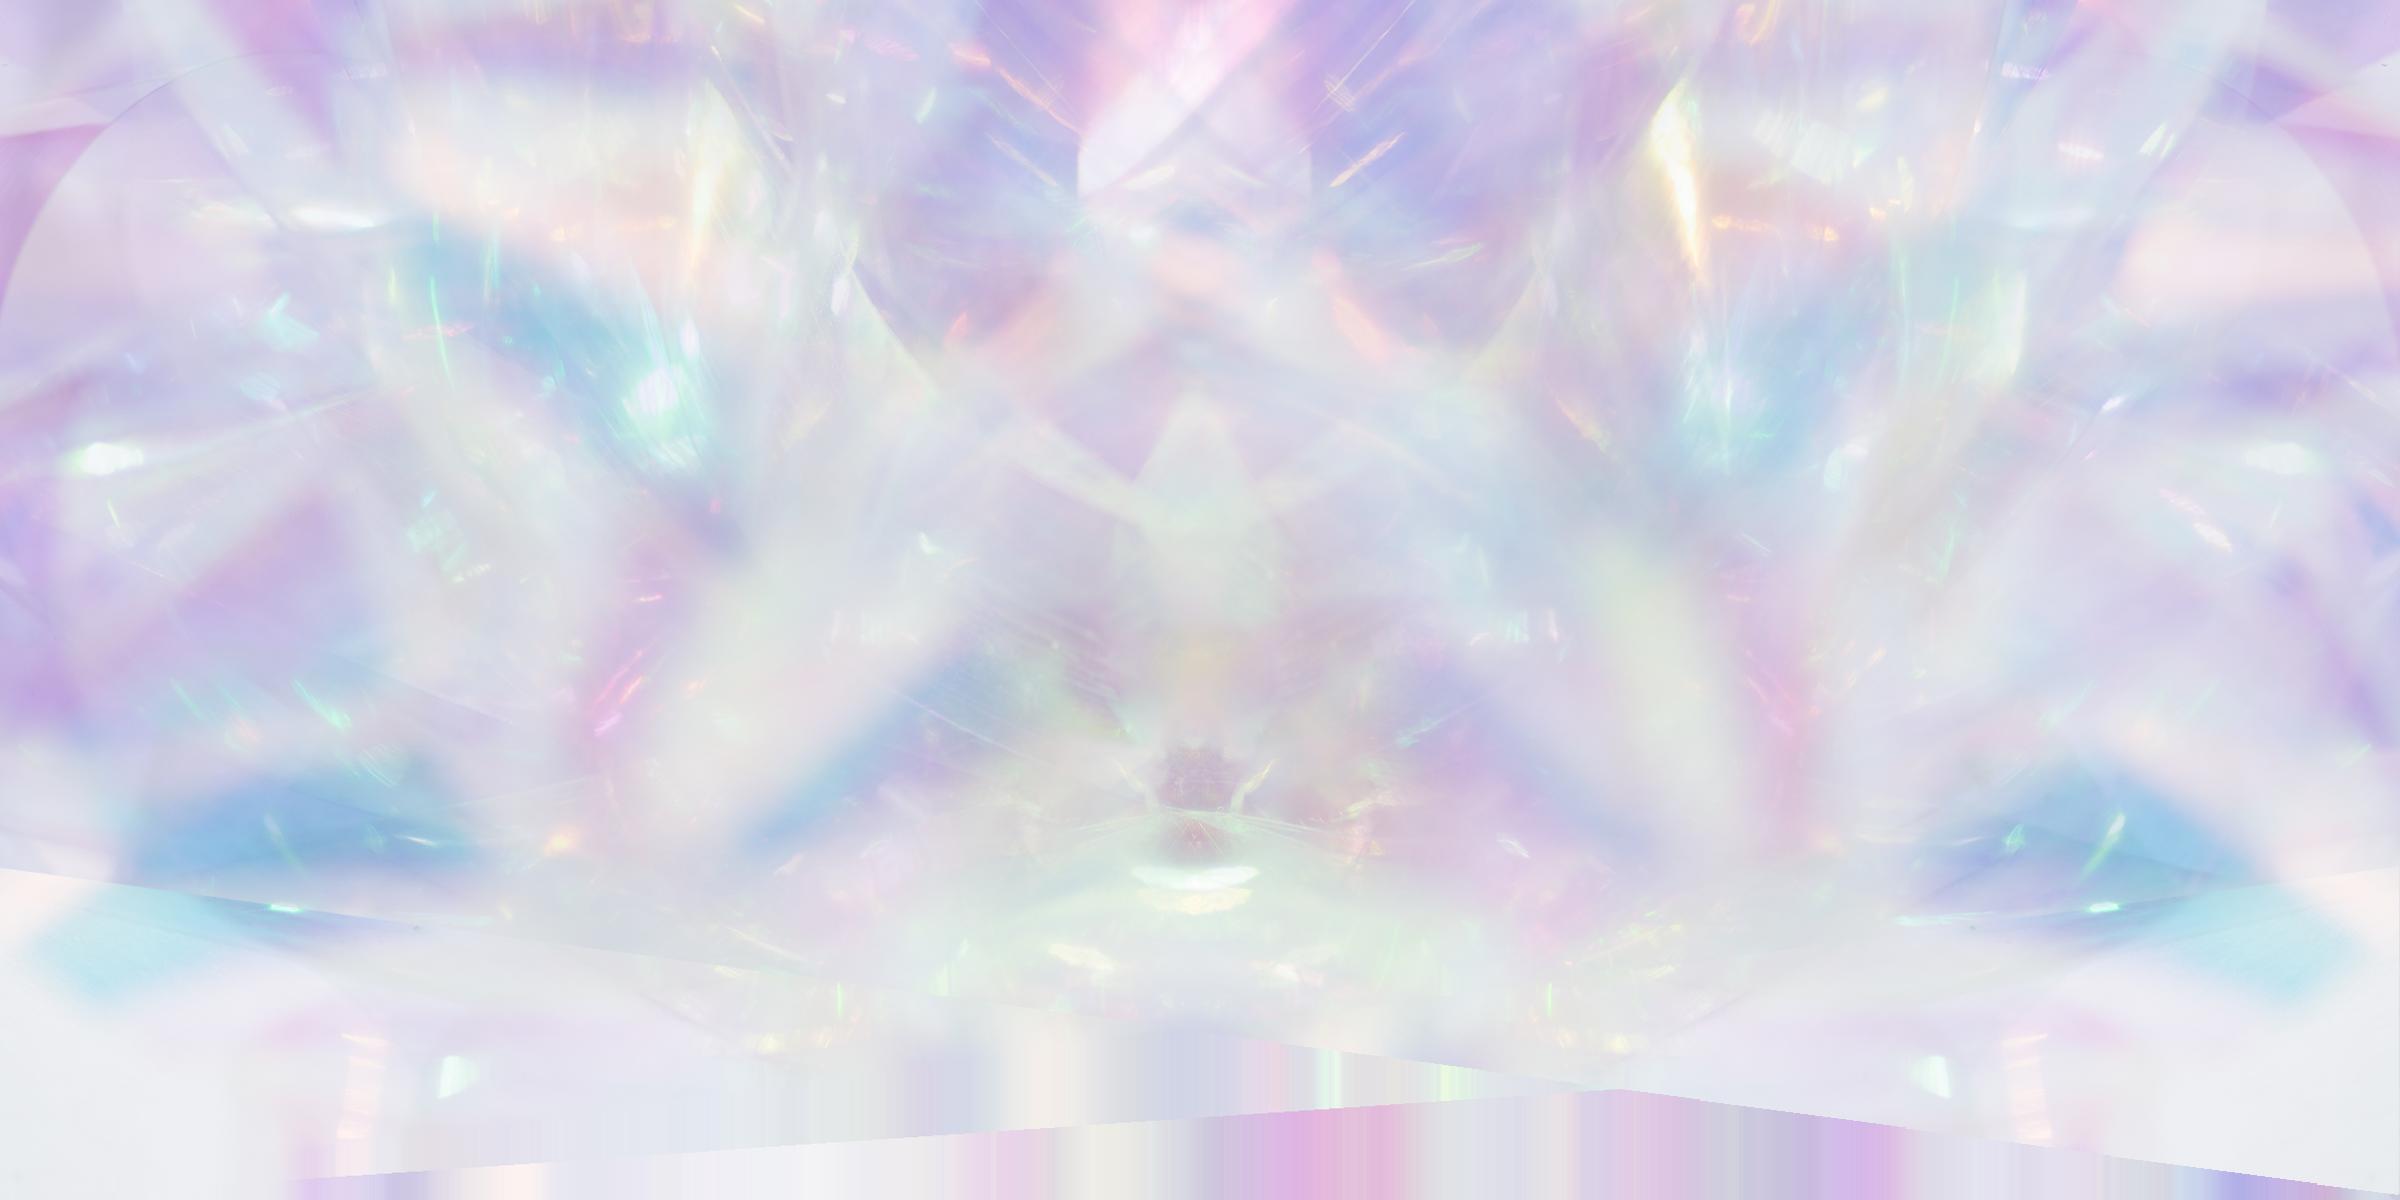 ホログラム背景イメージ画像